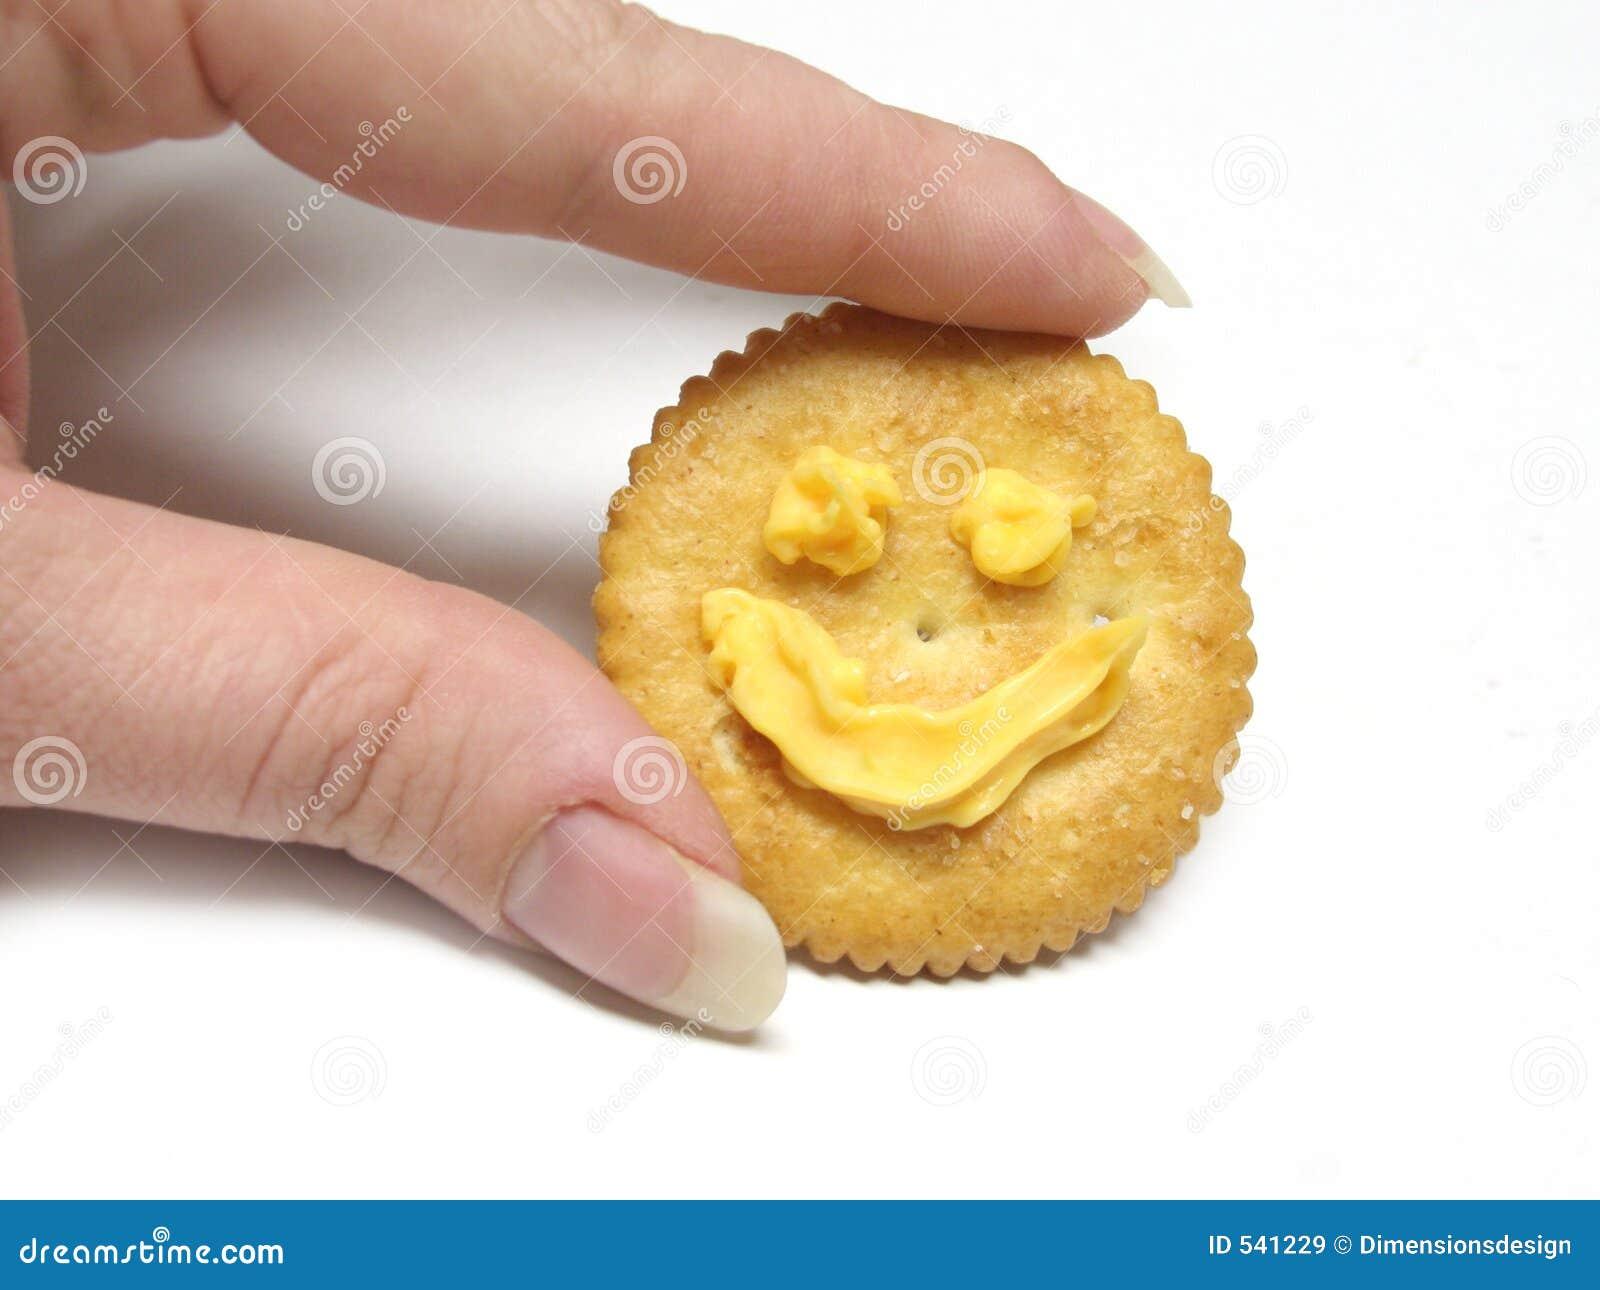 Download 薄脆饼干藏品微笑 库存图片. 图片 包括有 干酪, 表面, 薄脆饼干, 滋补, 淀粉, 孤立, 微笑, 钉子 - 541229